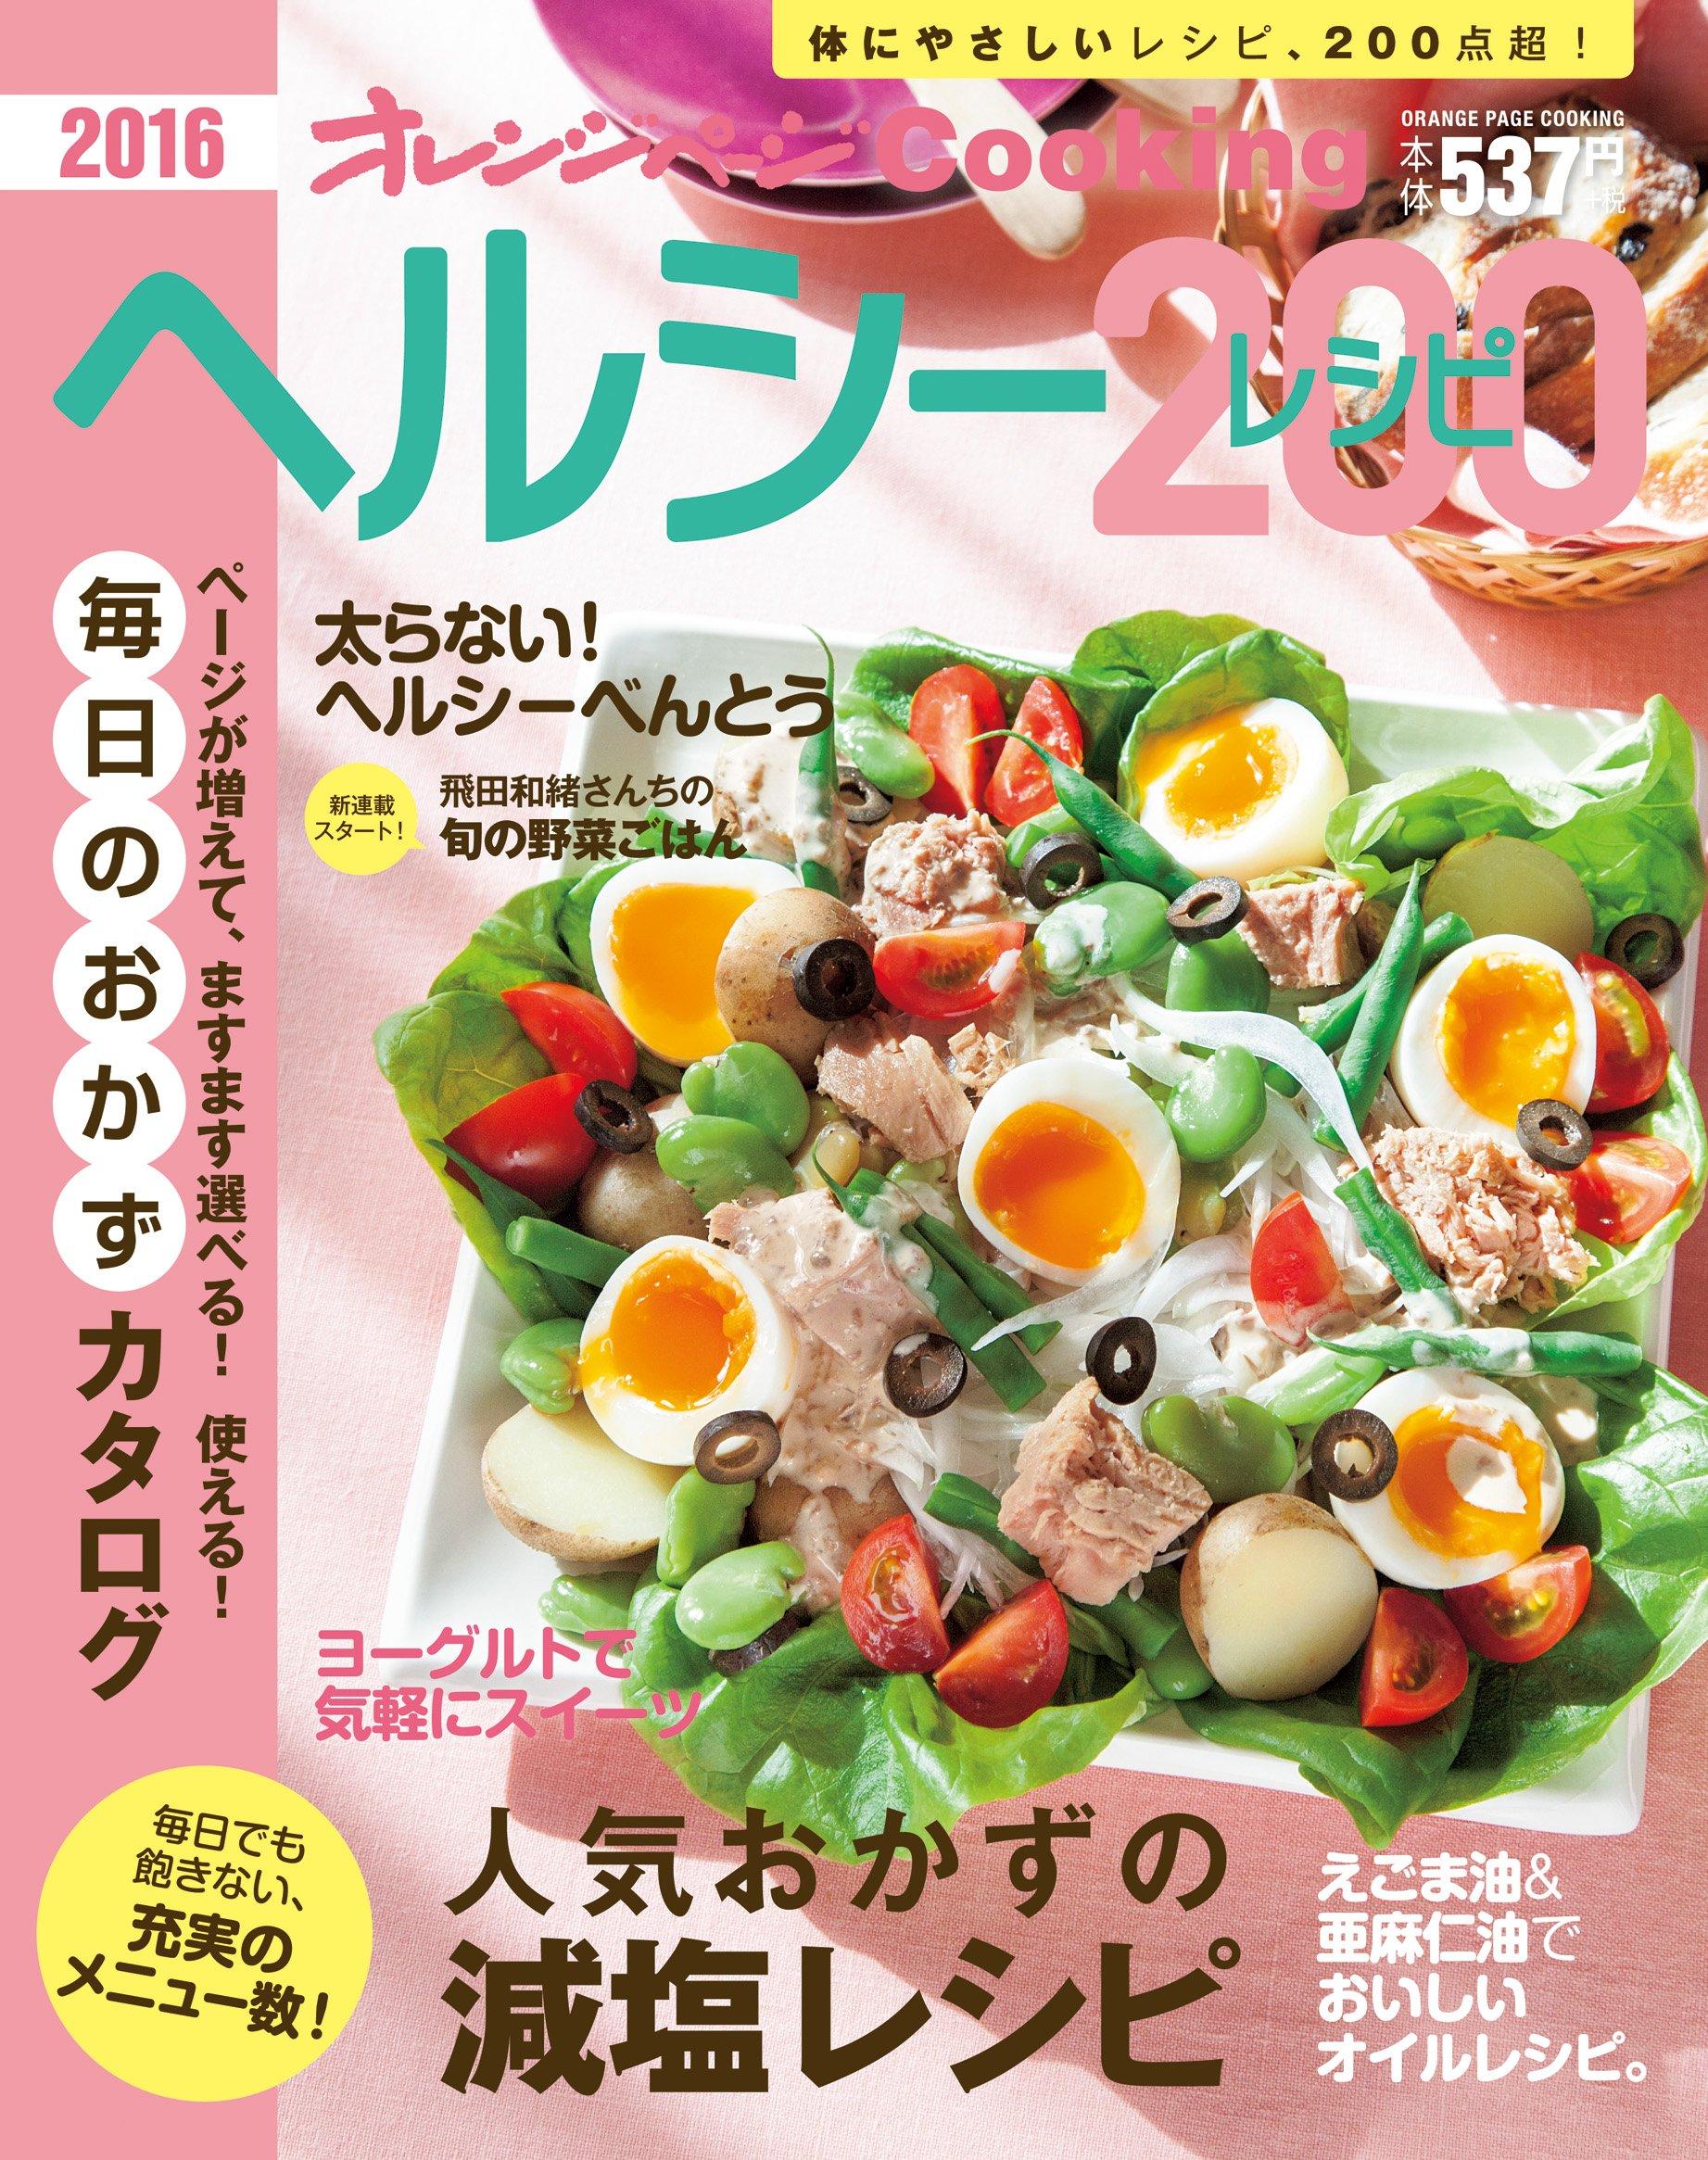 人気おかずの減塩レシピ「オレンジページCooking 2016 ヘルシーレシピ200」